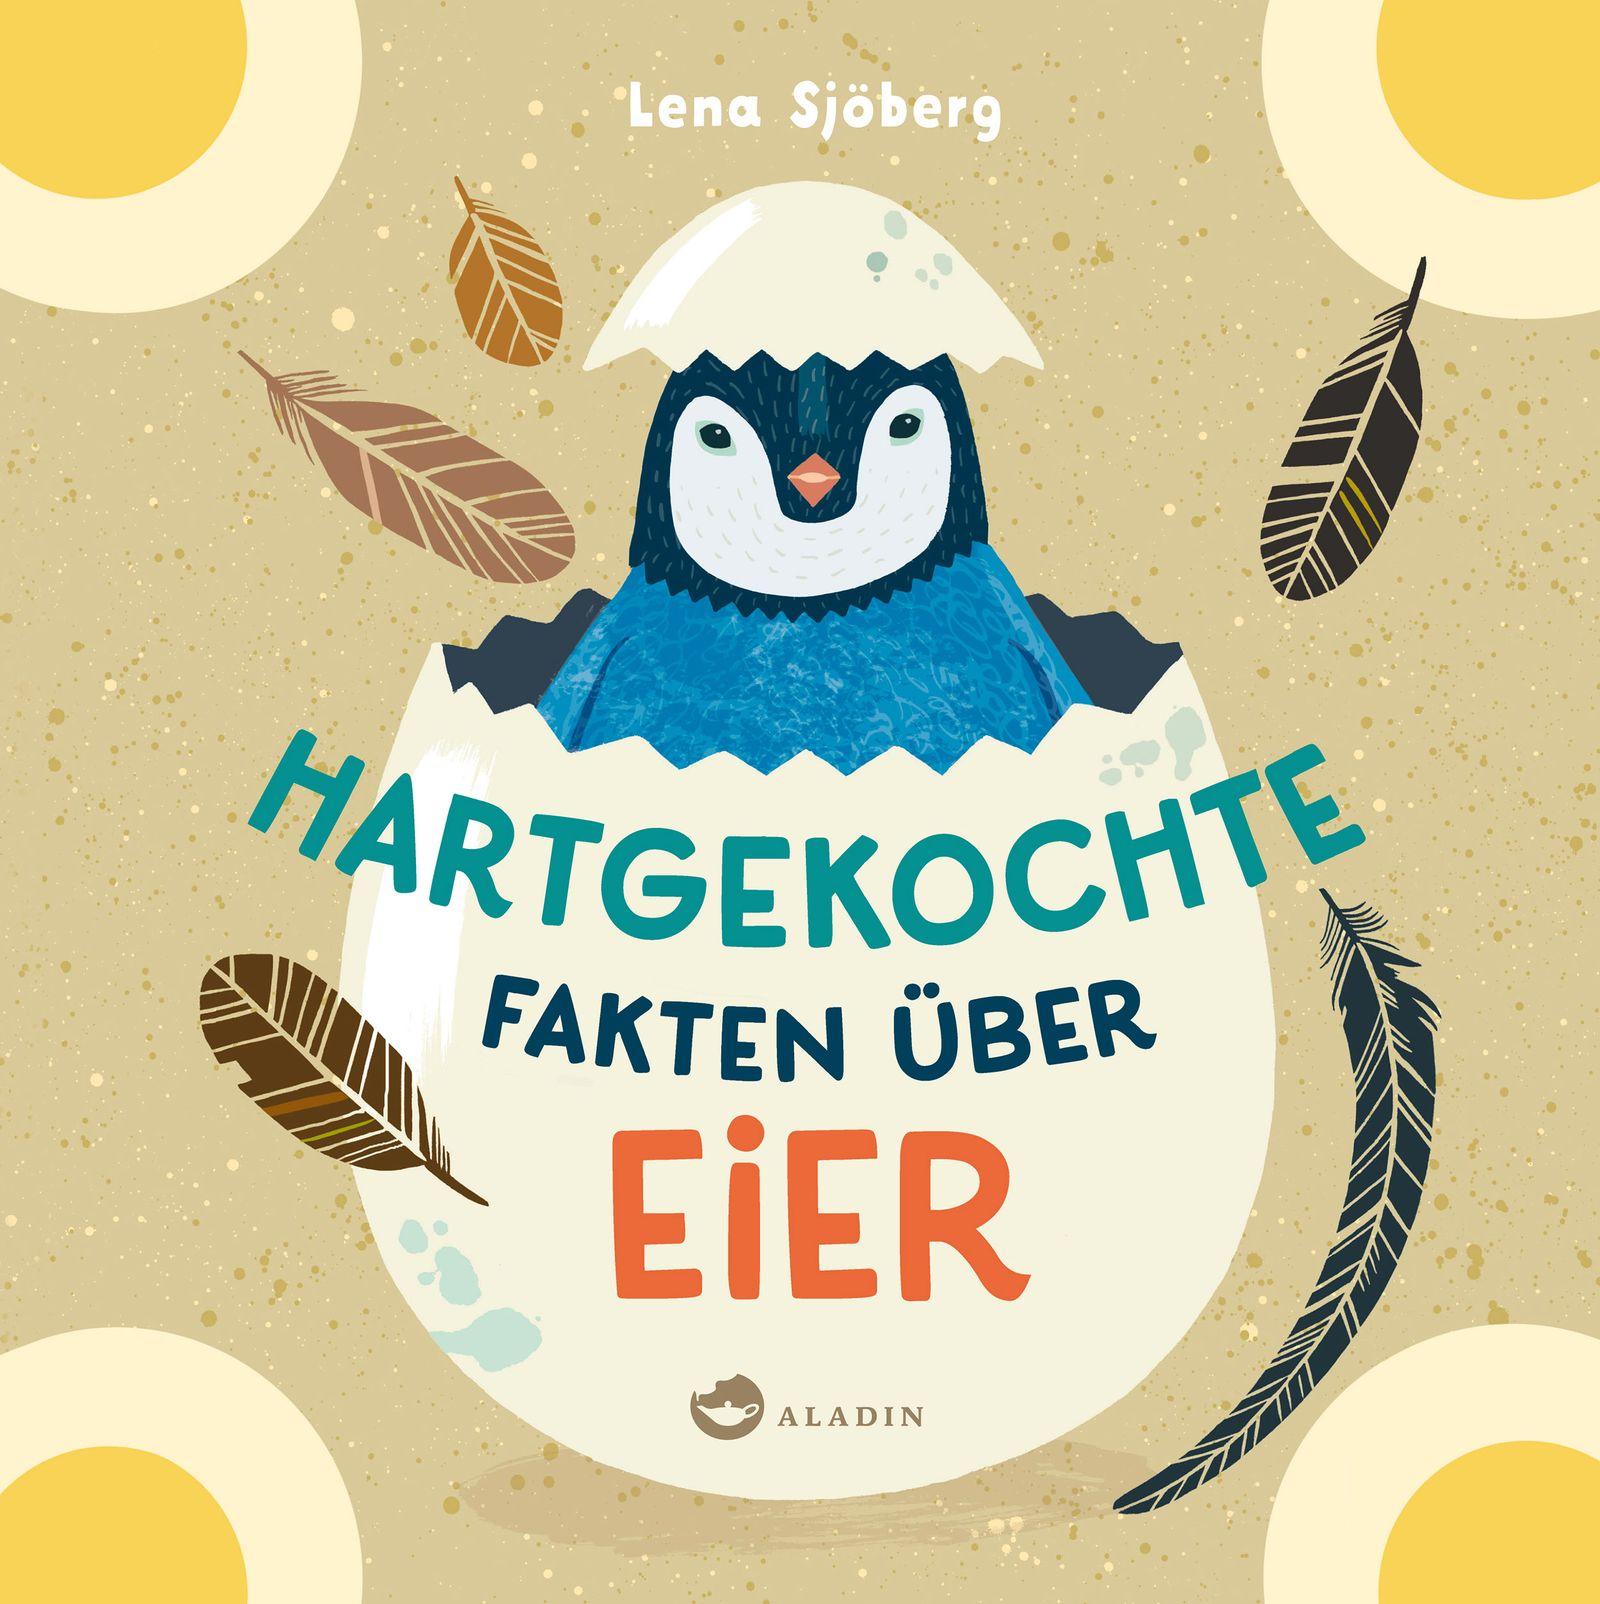 Kinderbücher/ Lena Sjöberg: Hartgekochte Fakten über Eier COVER